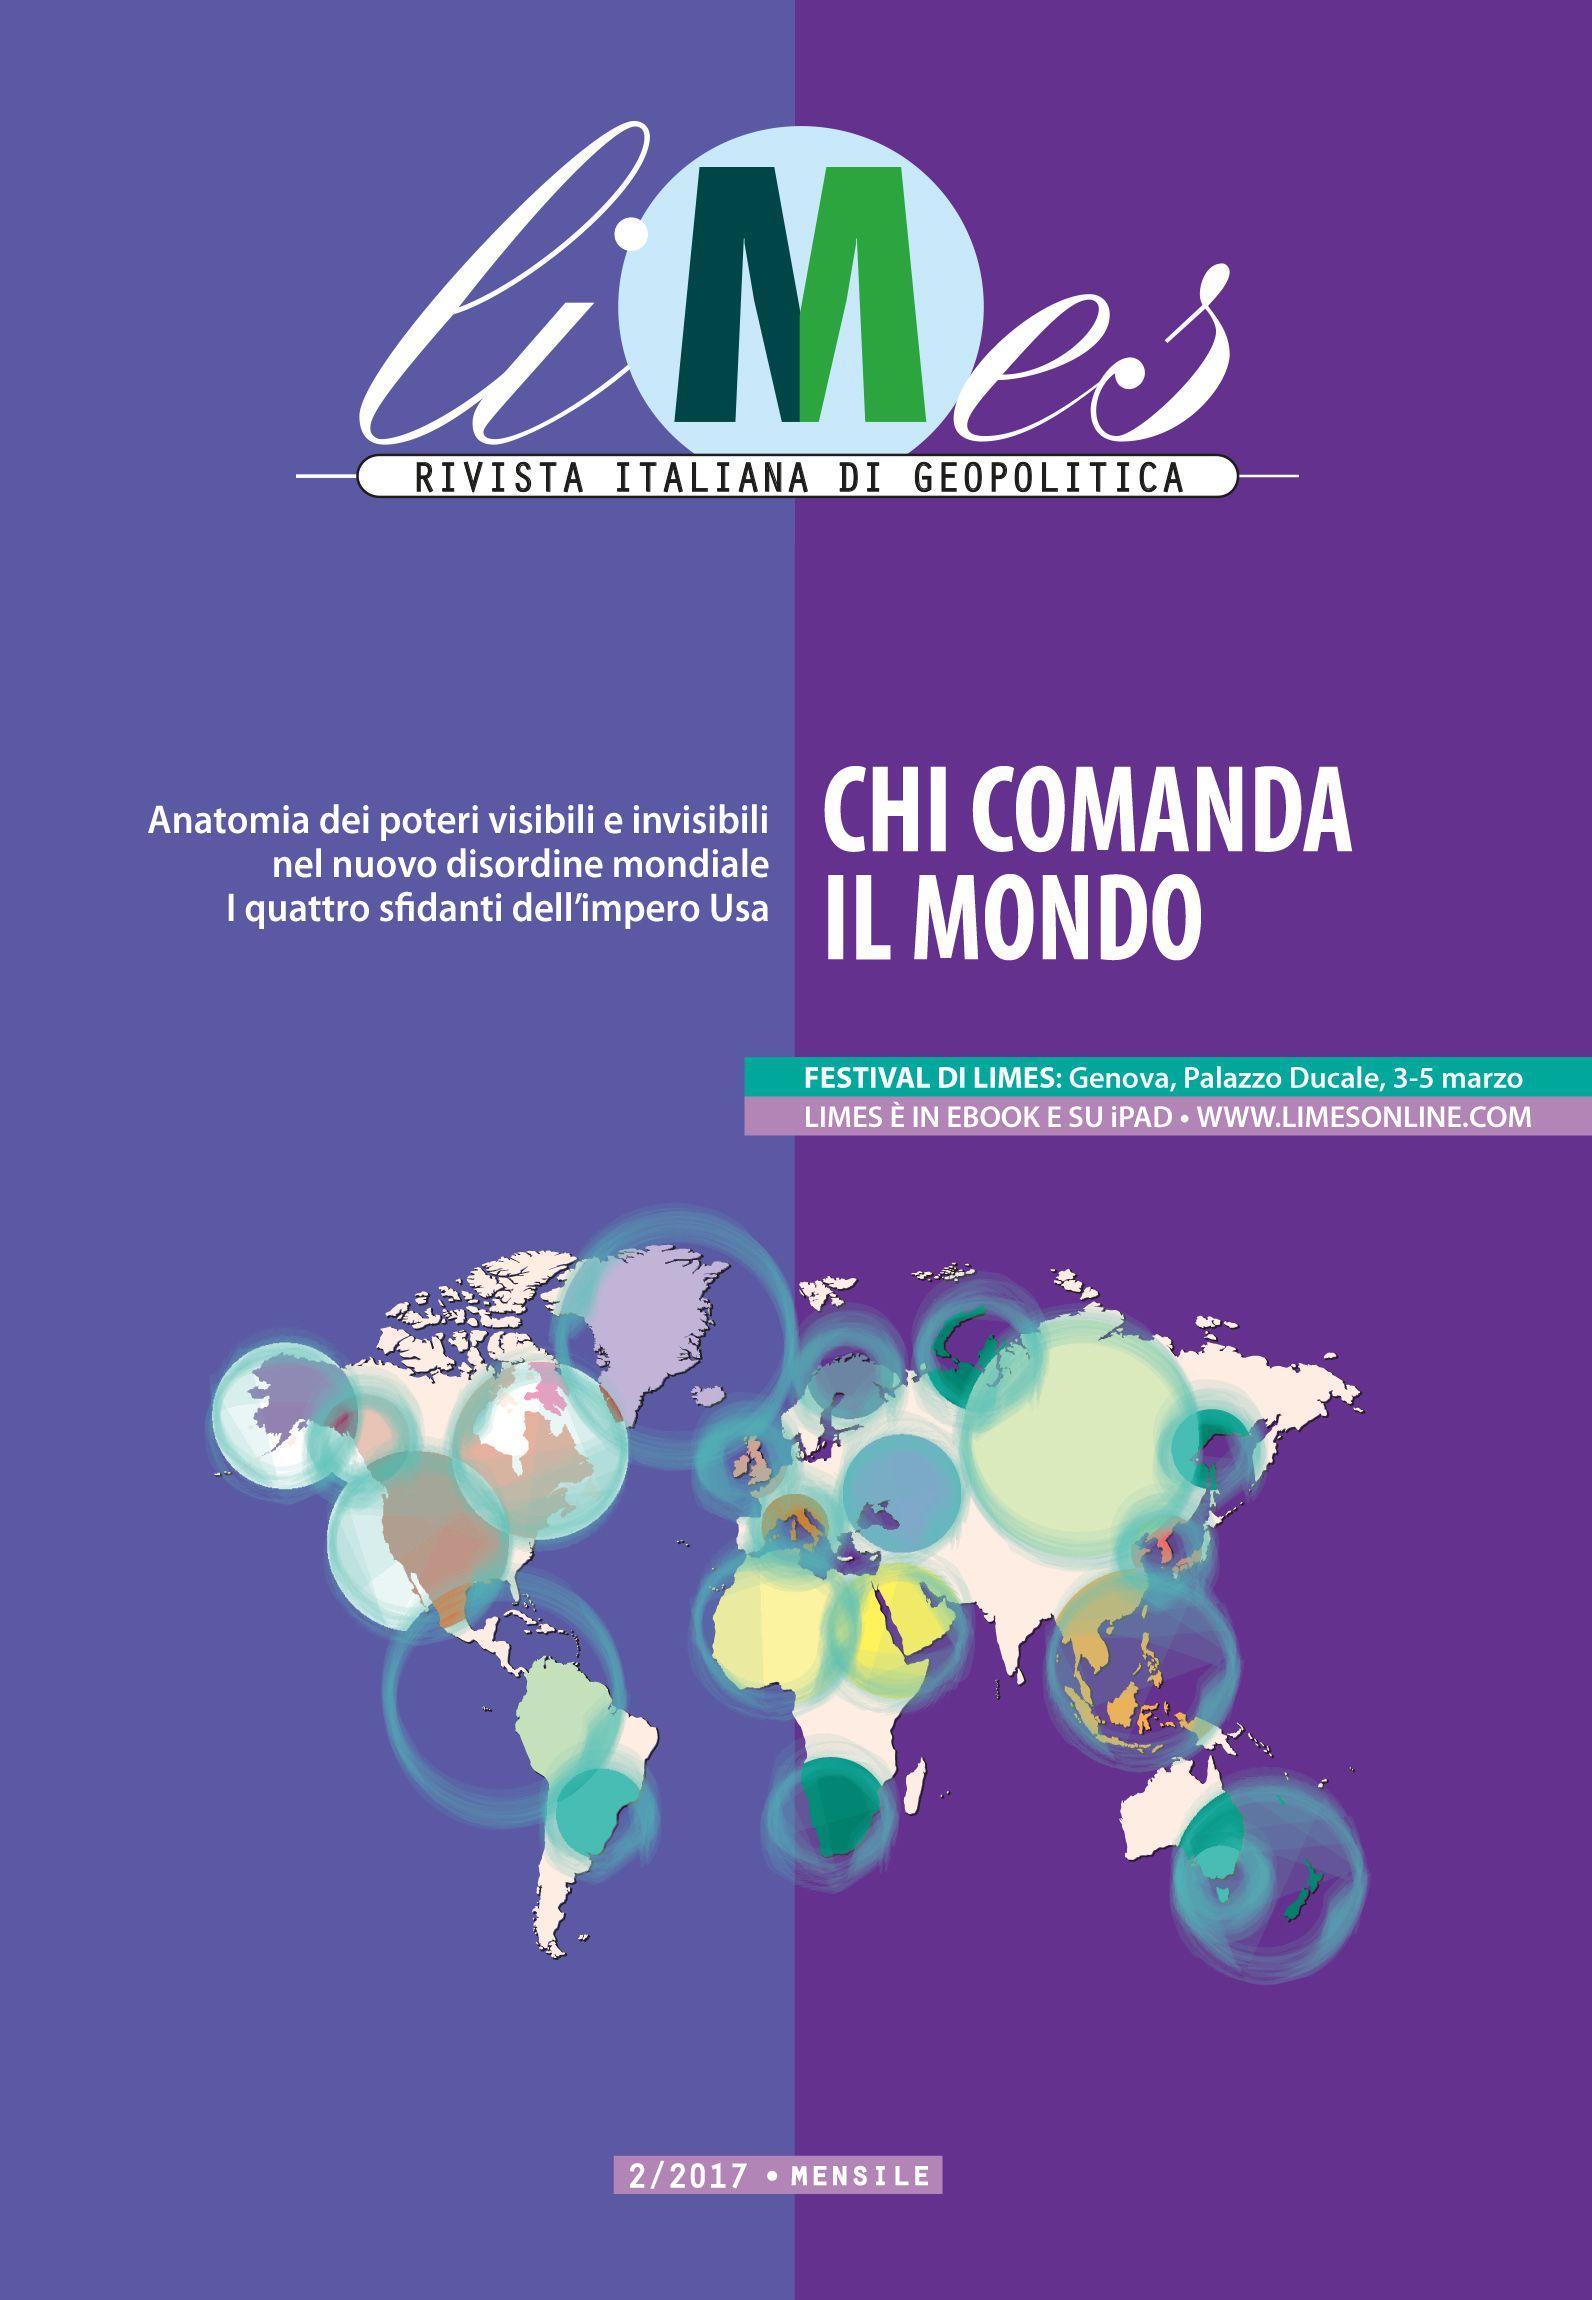 cover-Chi_comanda_il_mondo_217